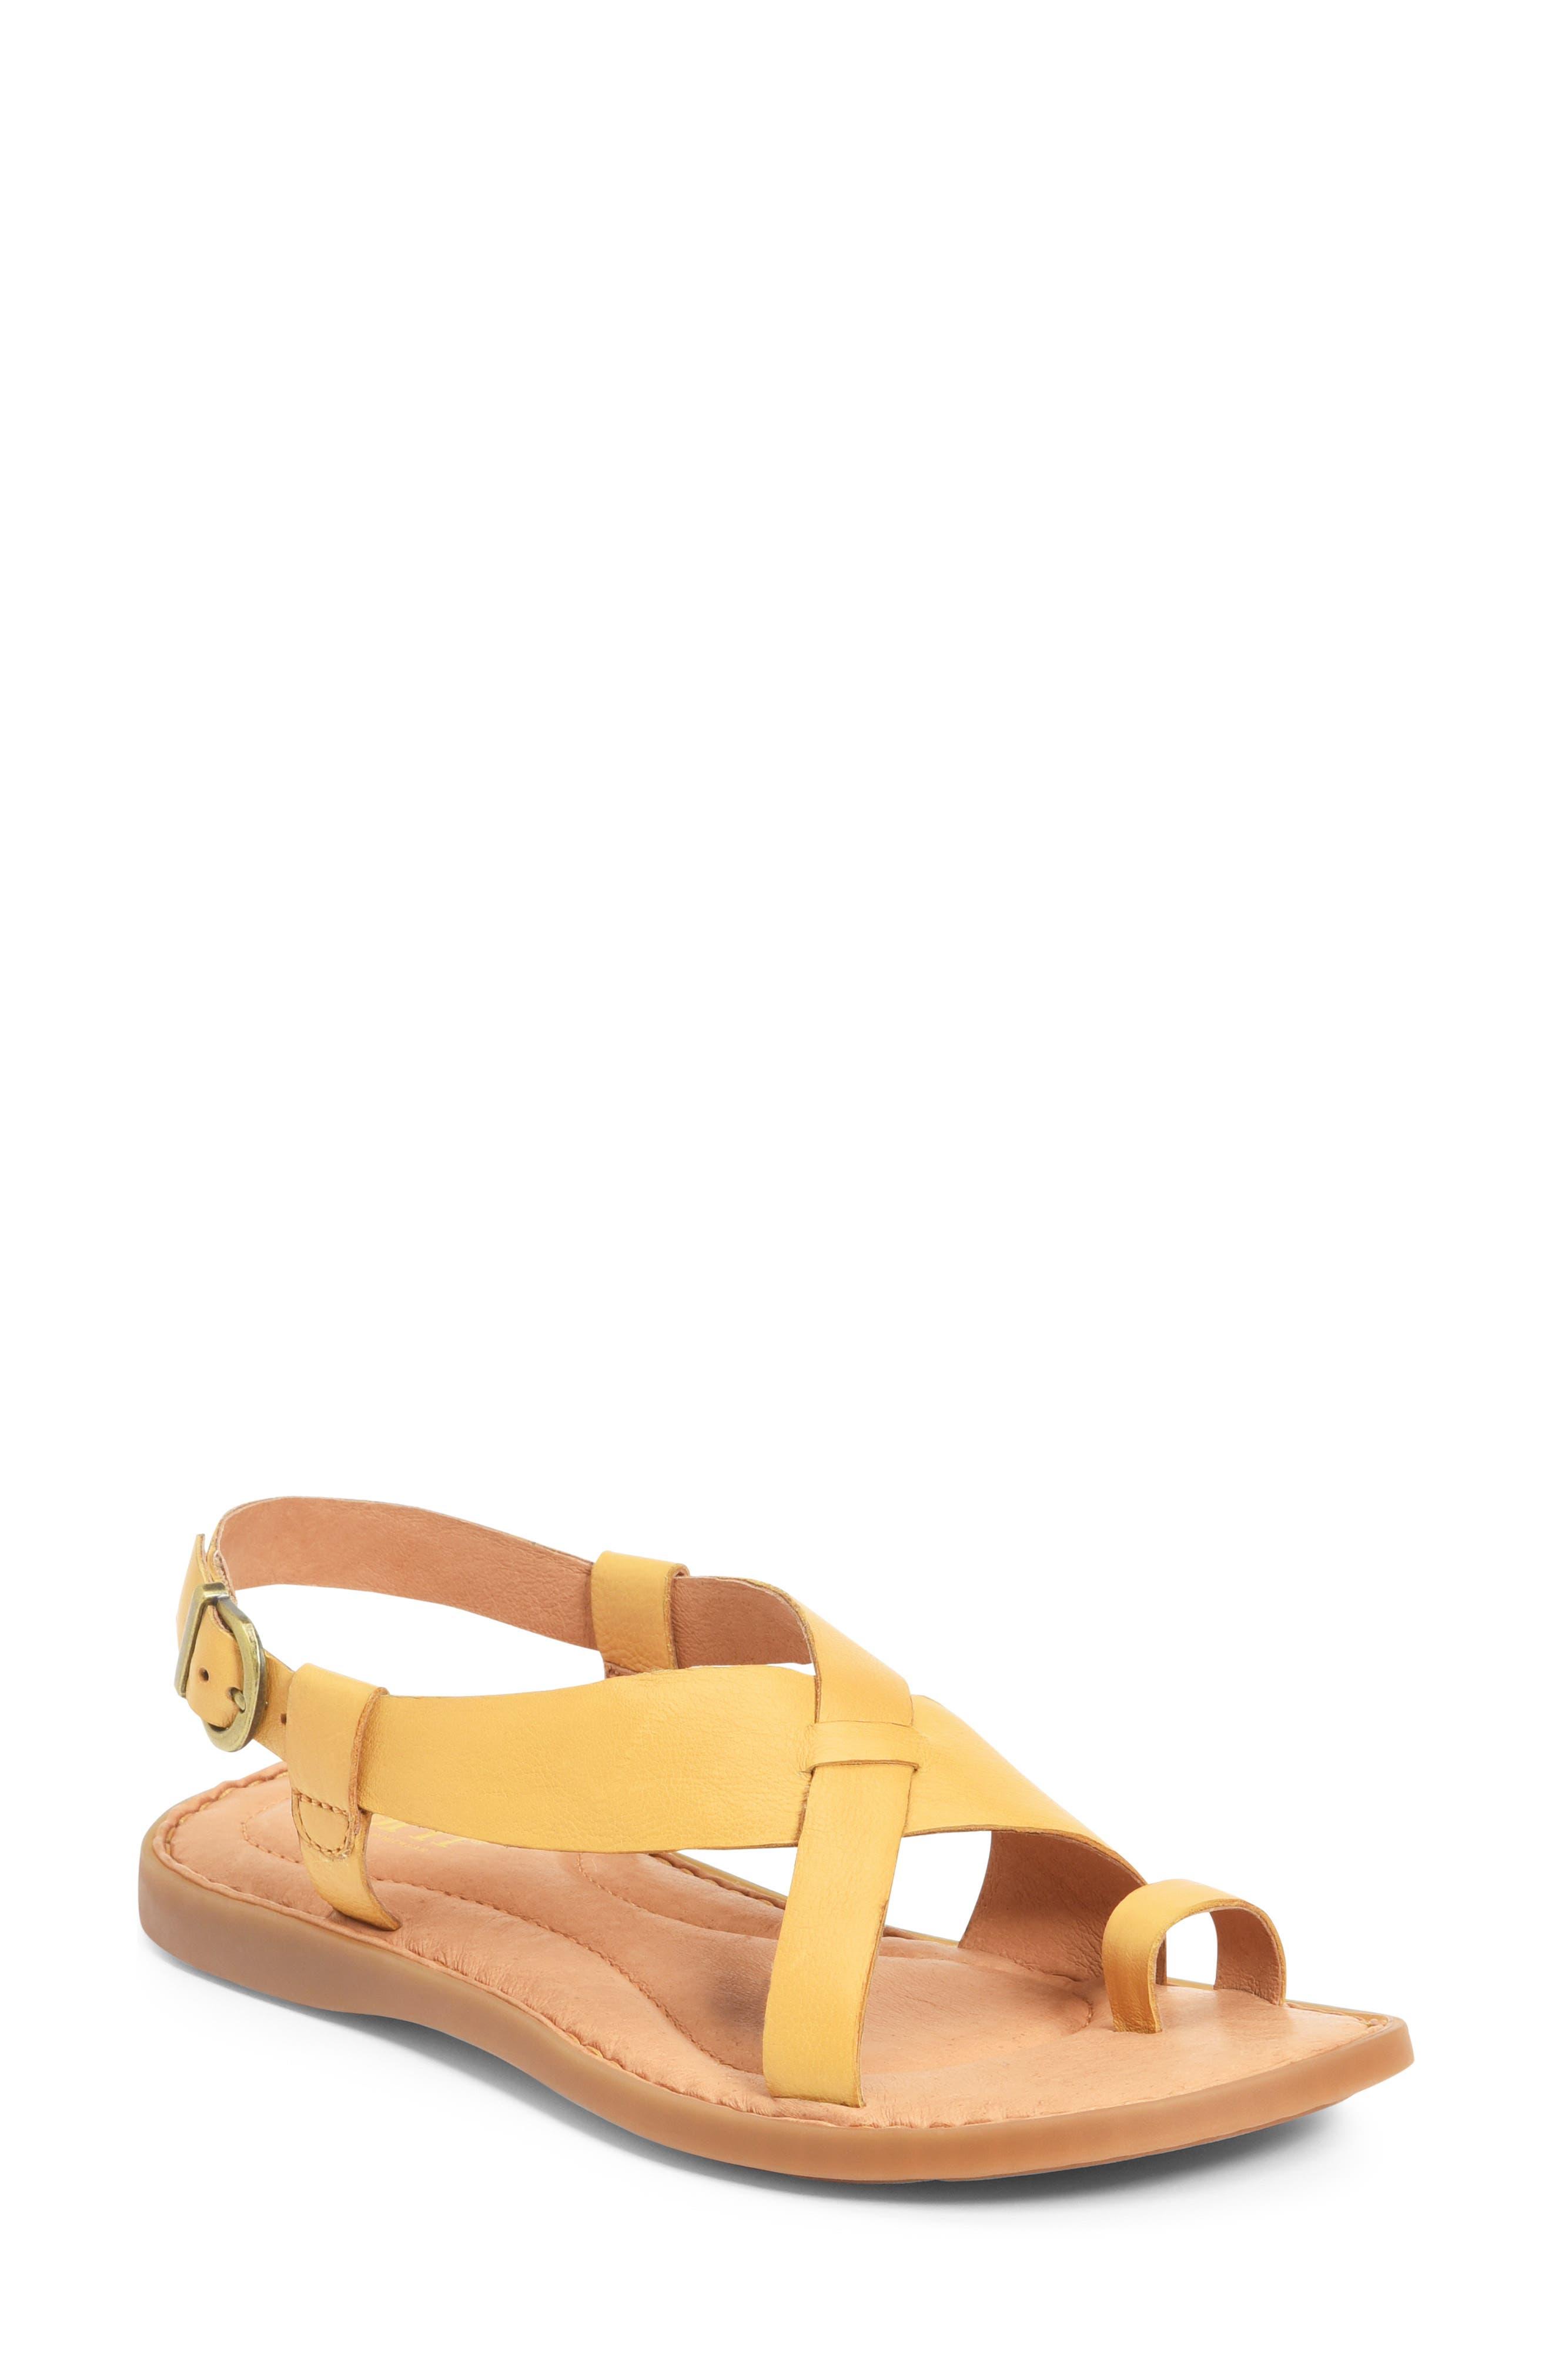 Women's B?rn Inya Crossover Sandal